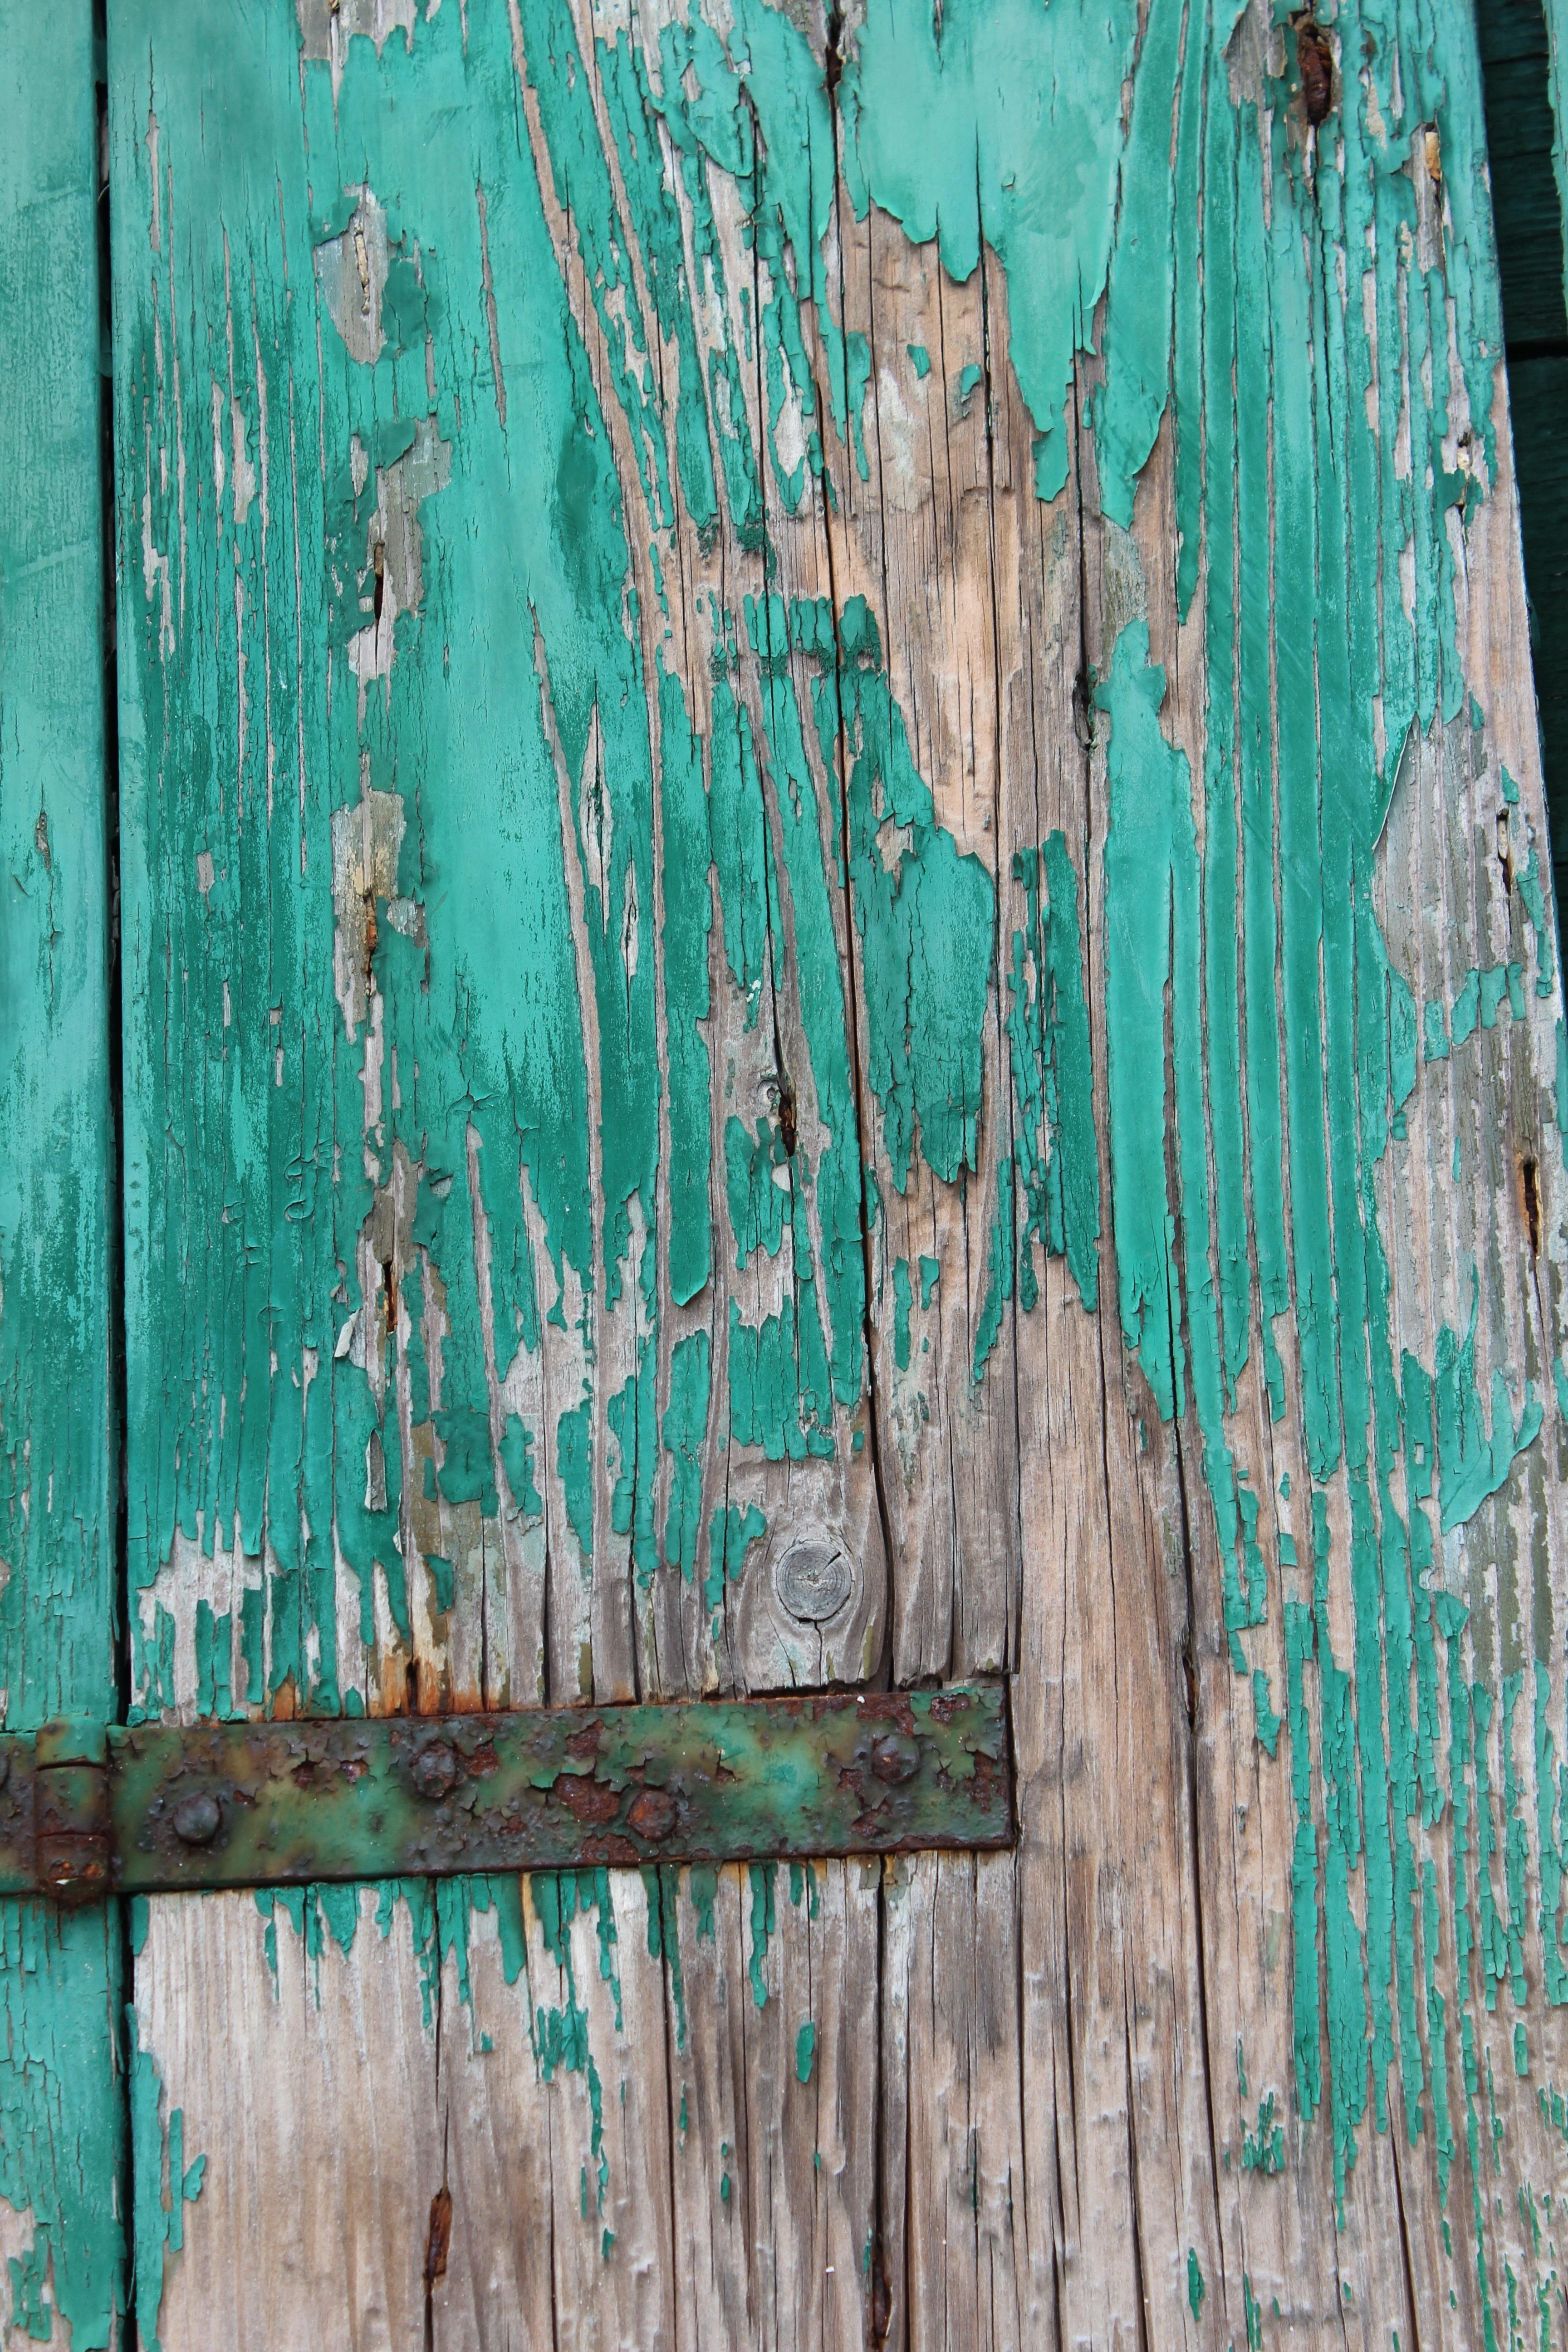 무료 이미지 : 목재, 포도 수확, 곡물, 조직, 녹색, 색깔, 갈라진 ...